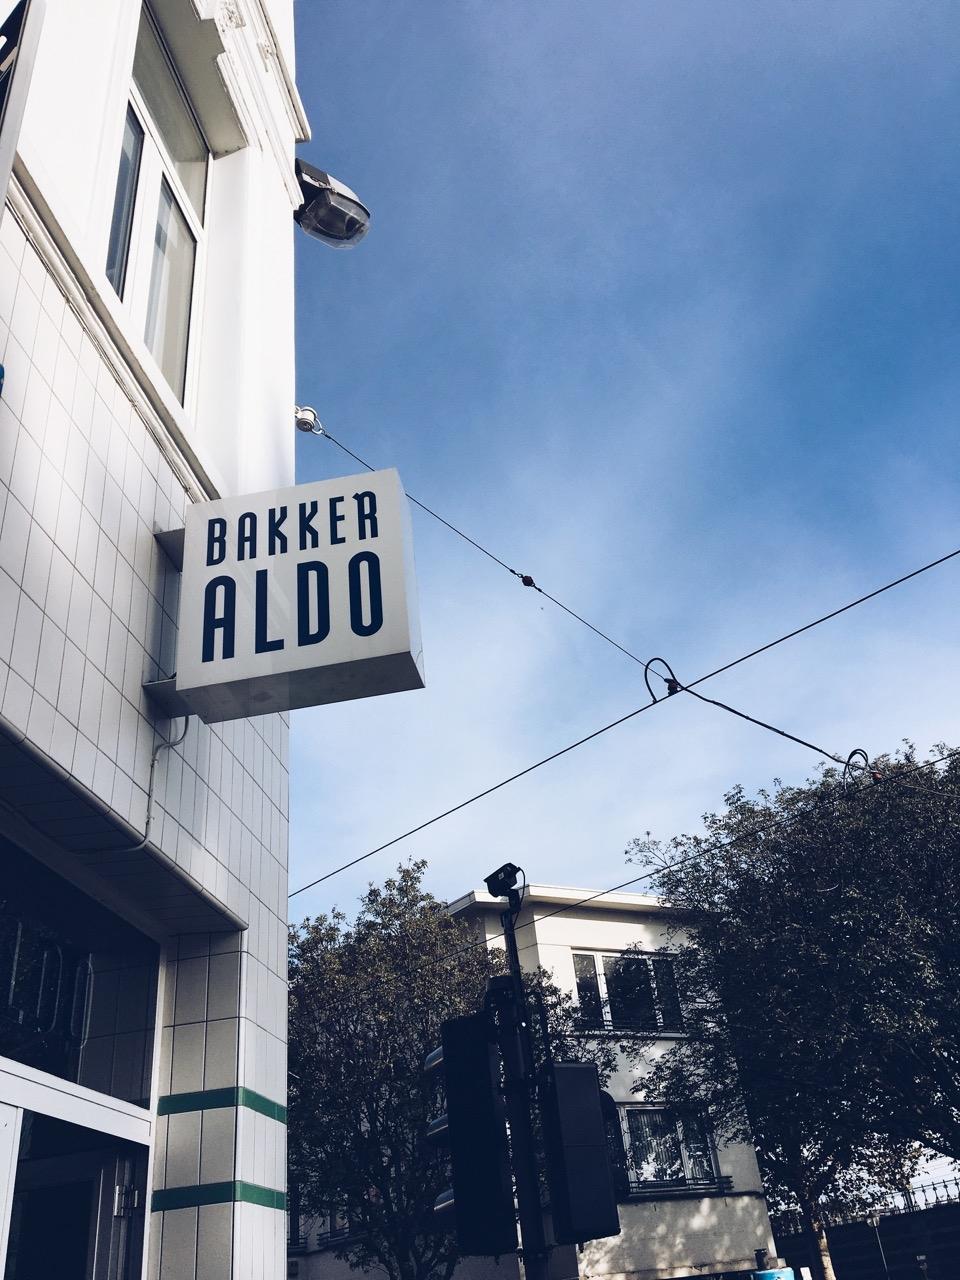 Bakker_aldo_berchem